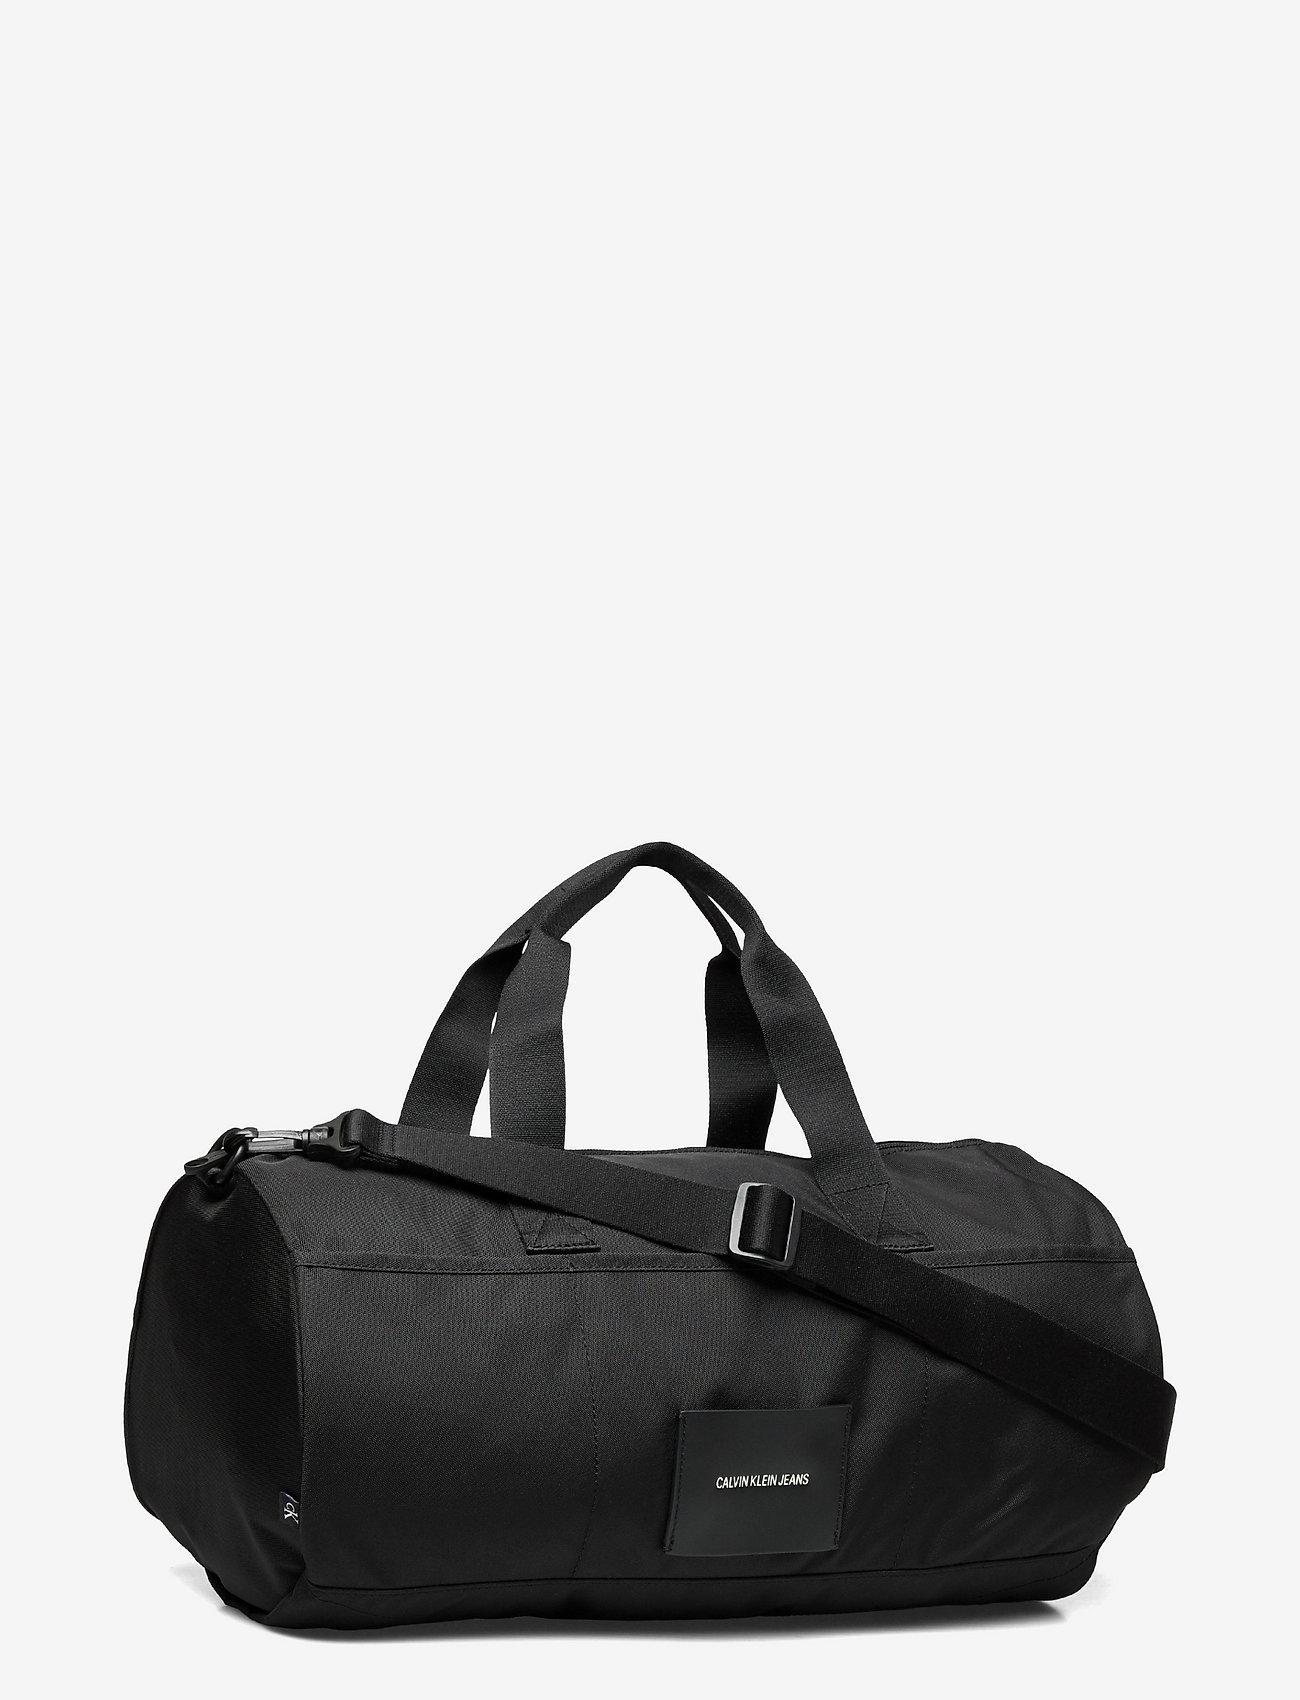 Calvin Klein - SPORT ESSENTIAL DUFFLE INST - gymtassen - black - 2